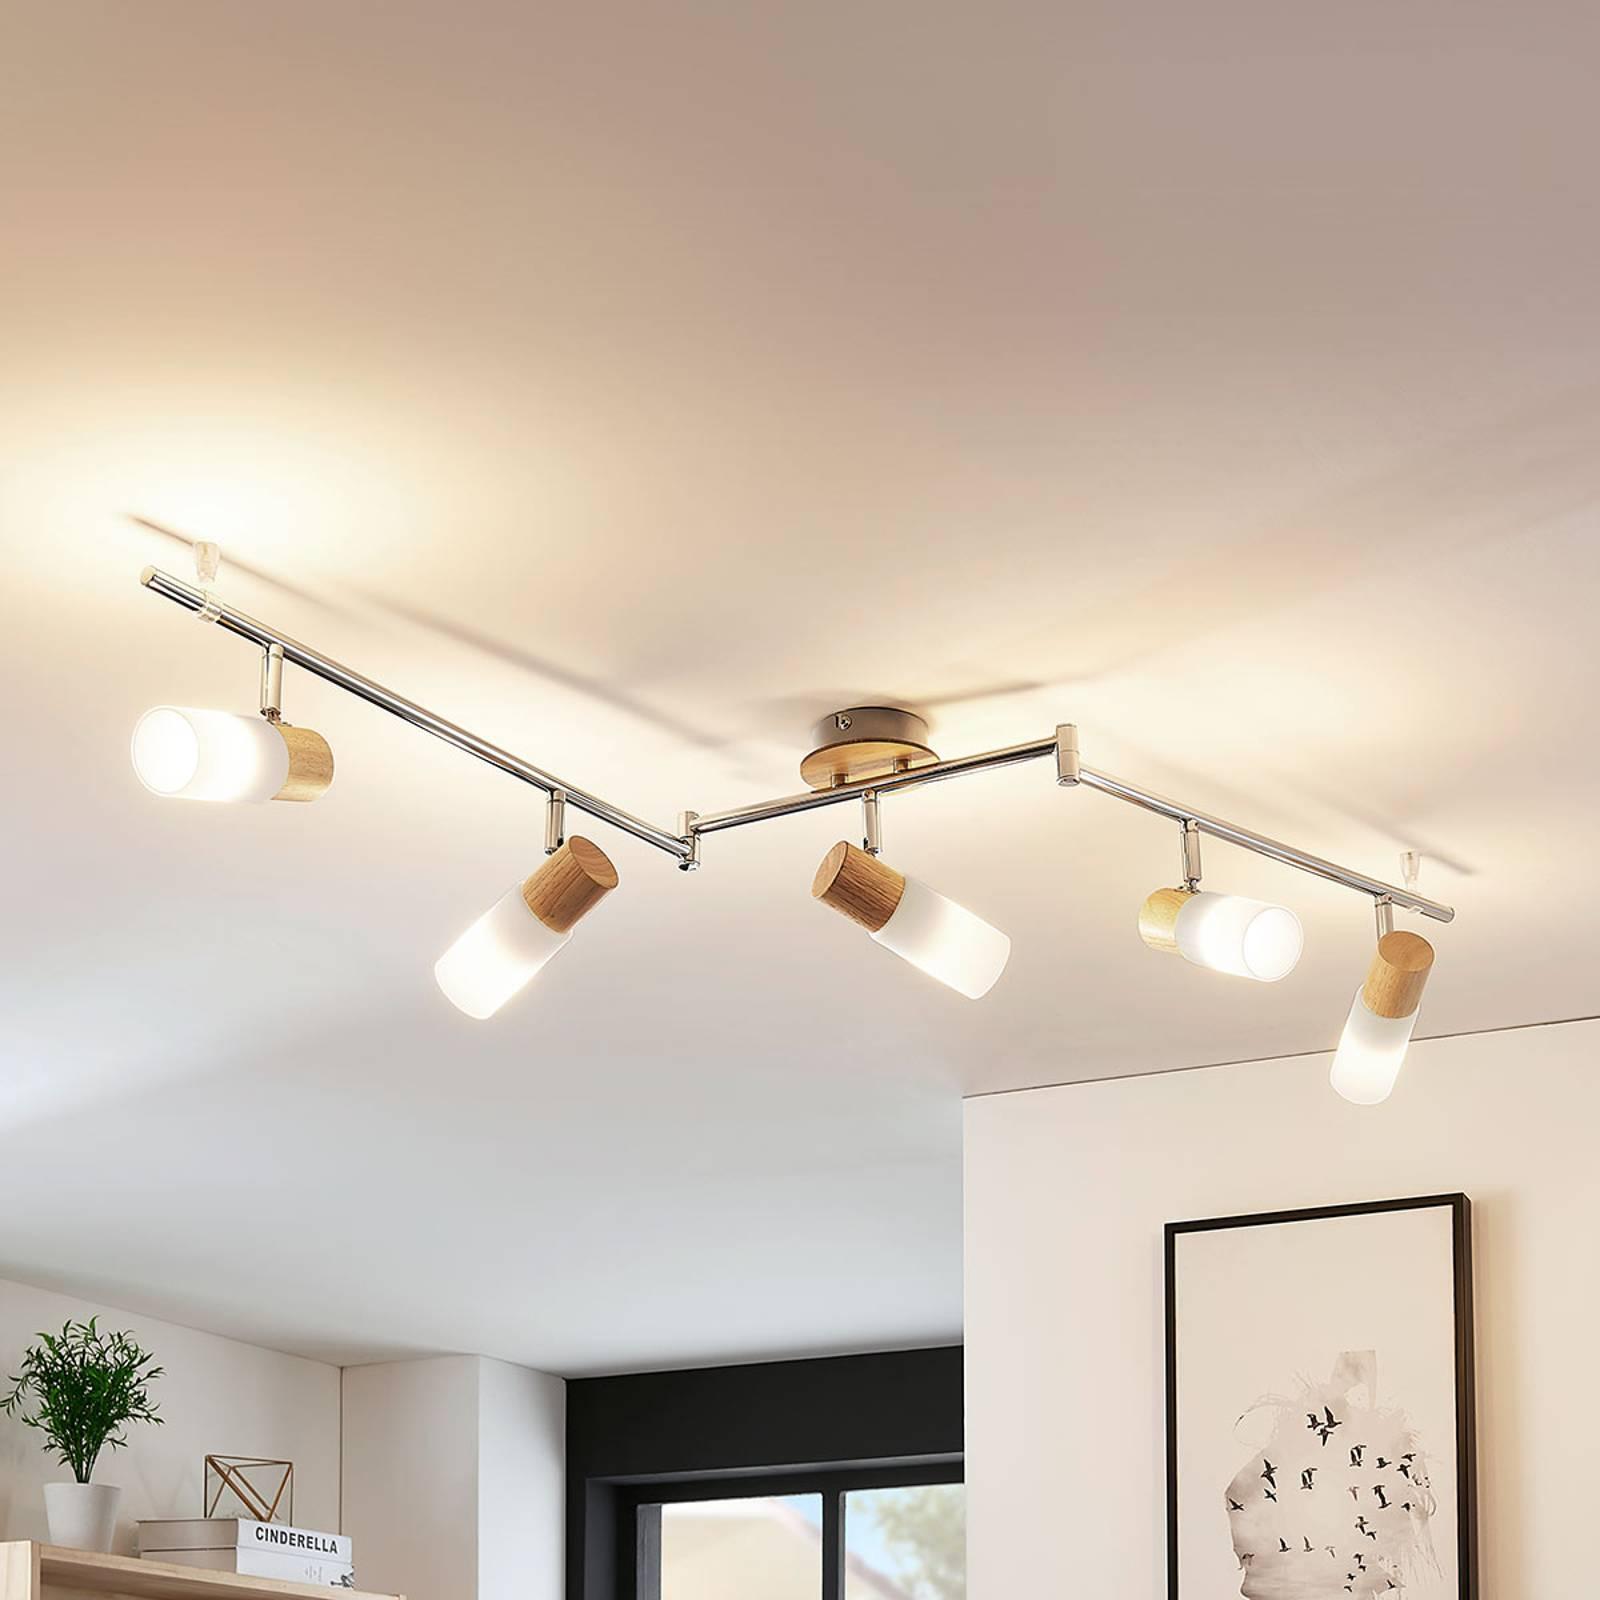 Kaunis LED-puukattokohdevalo Christoph, 5 lamppua